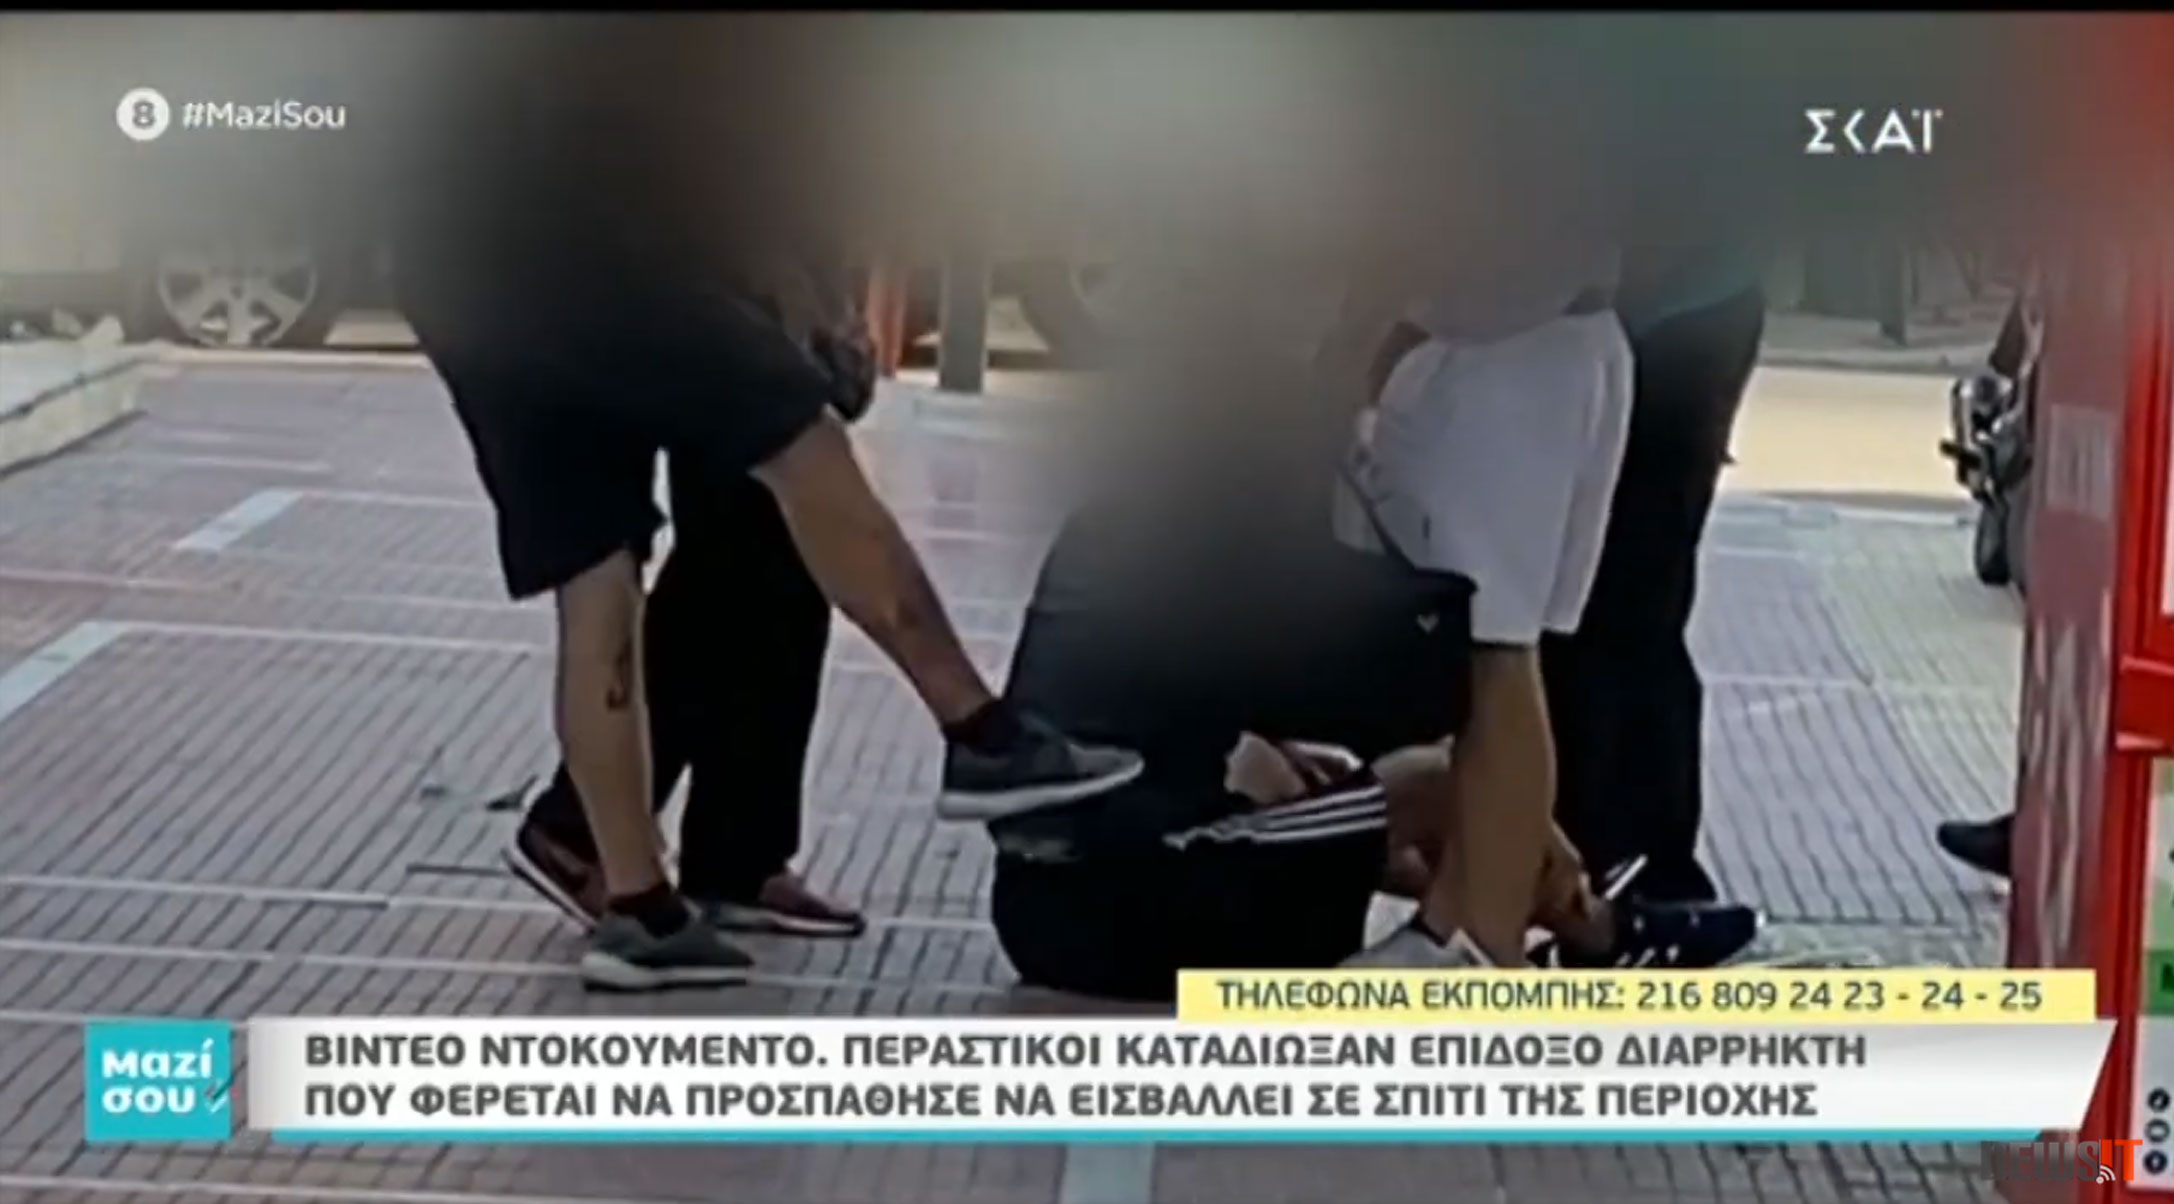 """Βίντεο σοκ: Έπιασαν διαρρήκτη και τον """"μαύρισαν"""" στο ξύλο!"""